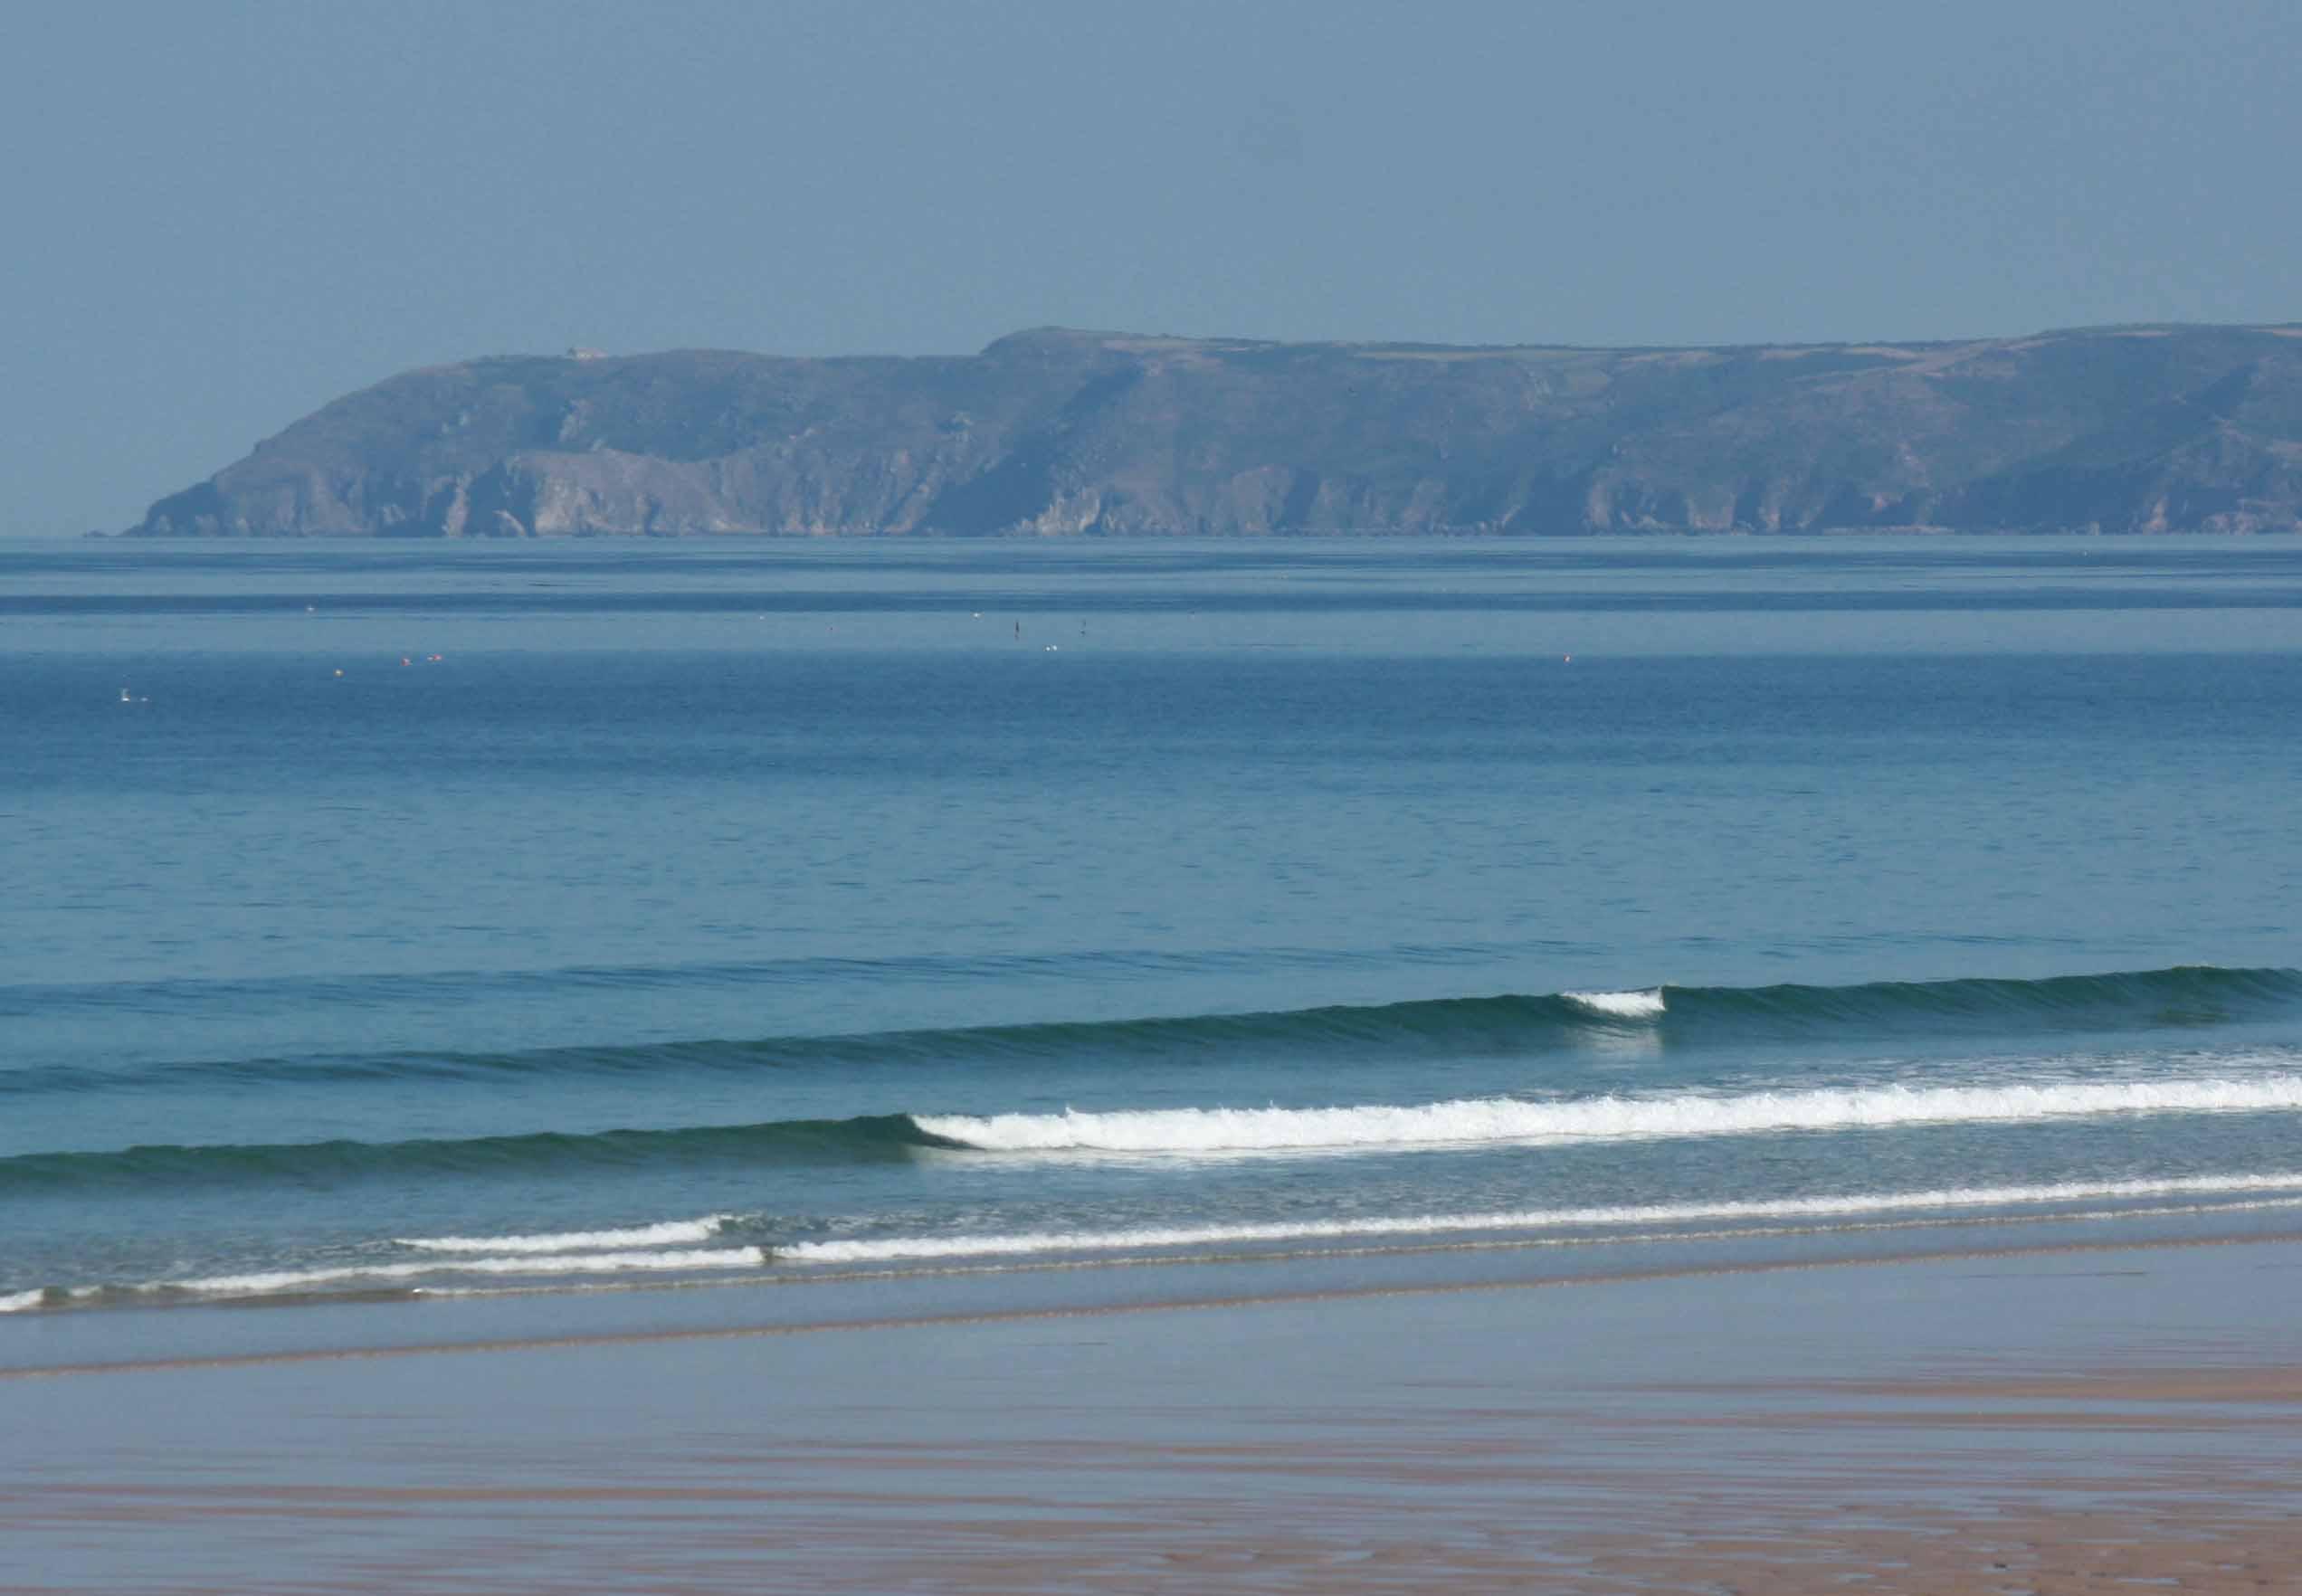 Poussée de houle et vagues surfables vent faible…